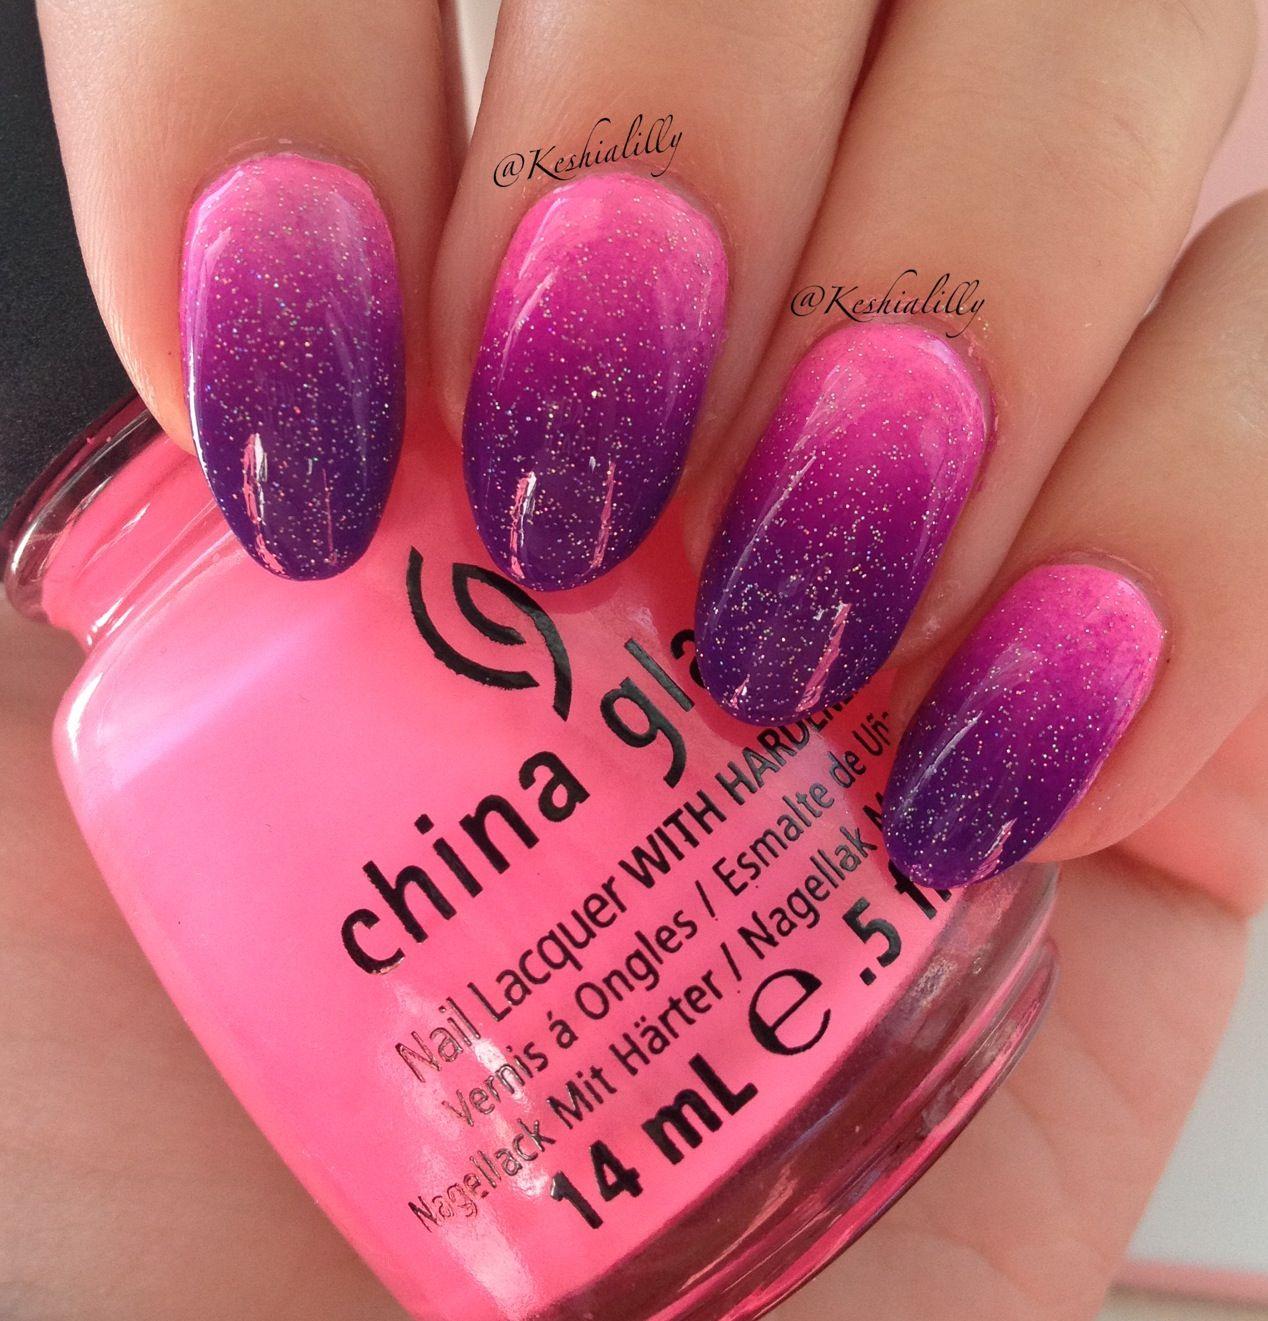 Ombré I did using China Glaze \'Shocking Pink\', Island girl \'Aloha ...